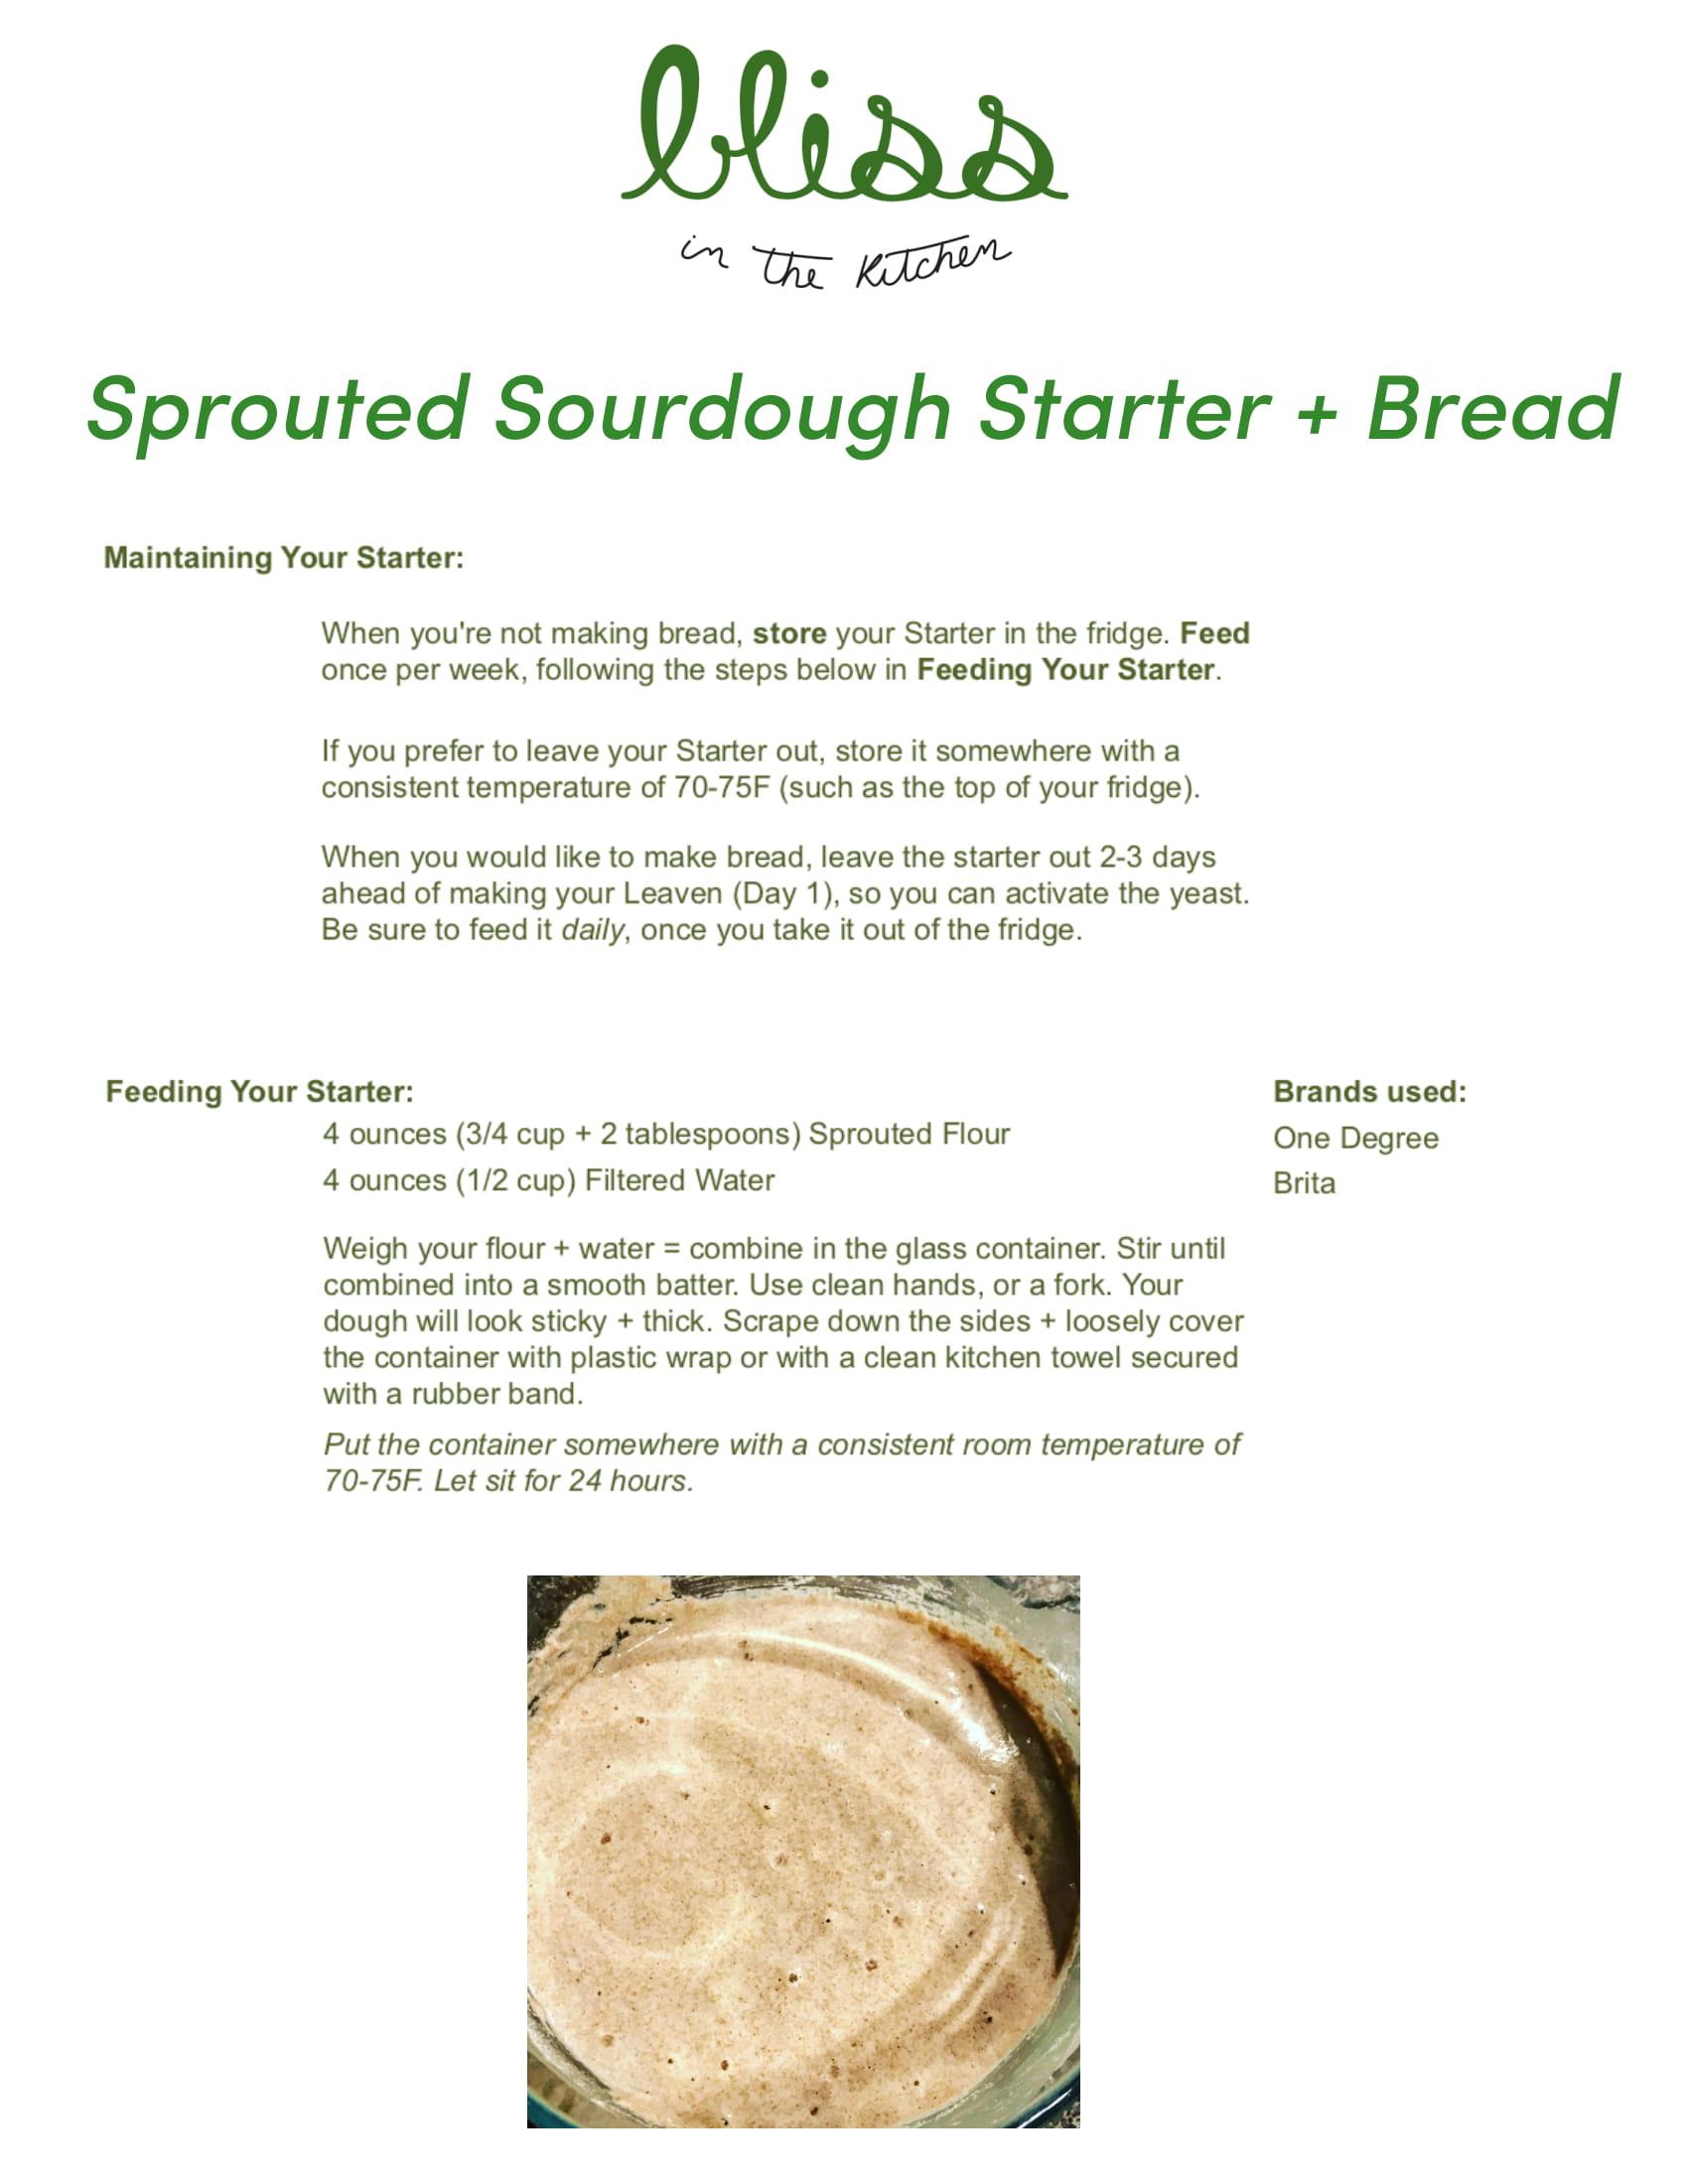 BITK_ Sprouted Sourdough Starter + Bread (2) (1)-1.jpg